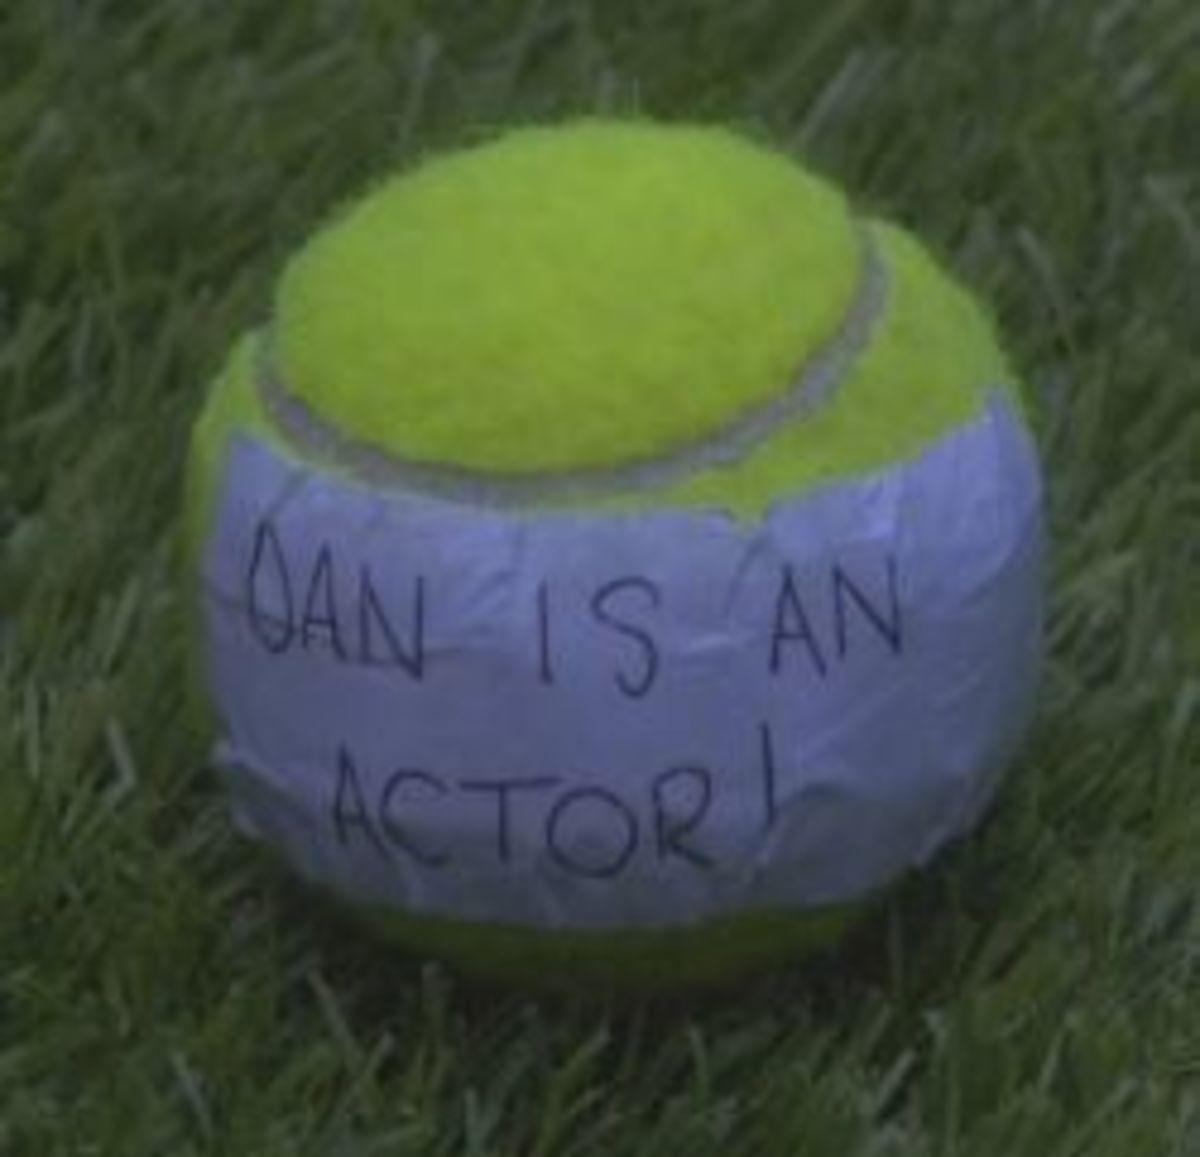 Dan is an Actor tennis ball message